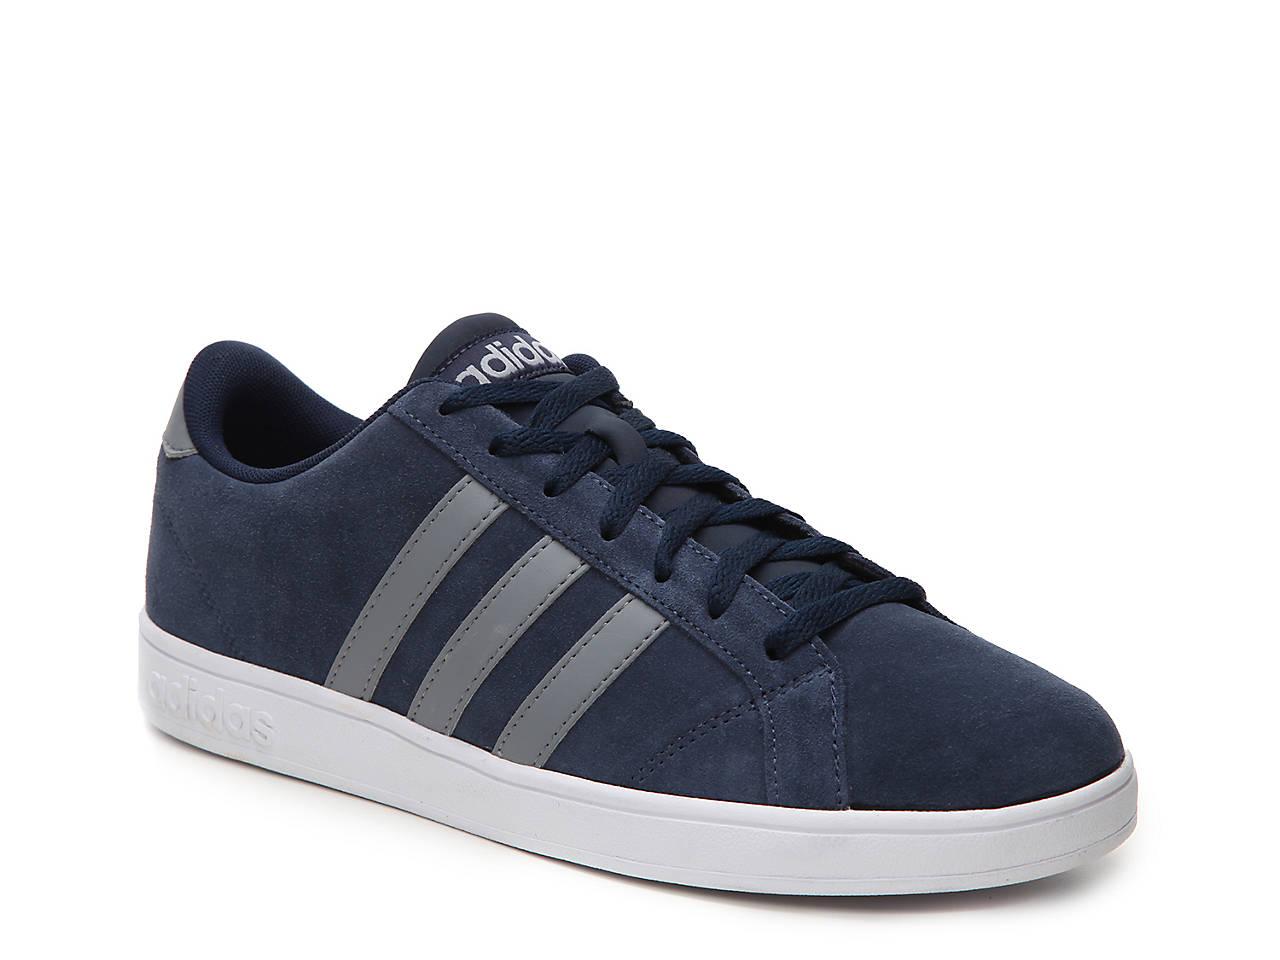 6e2185c67250 adidas NEO Baseline Suede Sneaker - Men s Men s Shoes